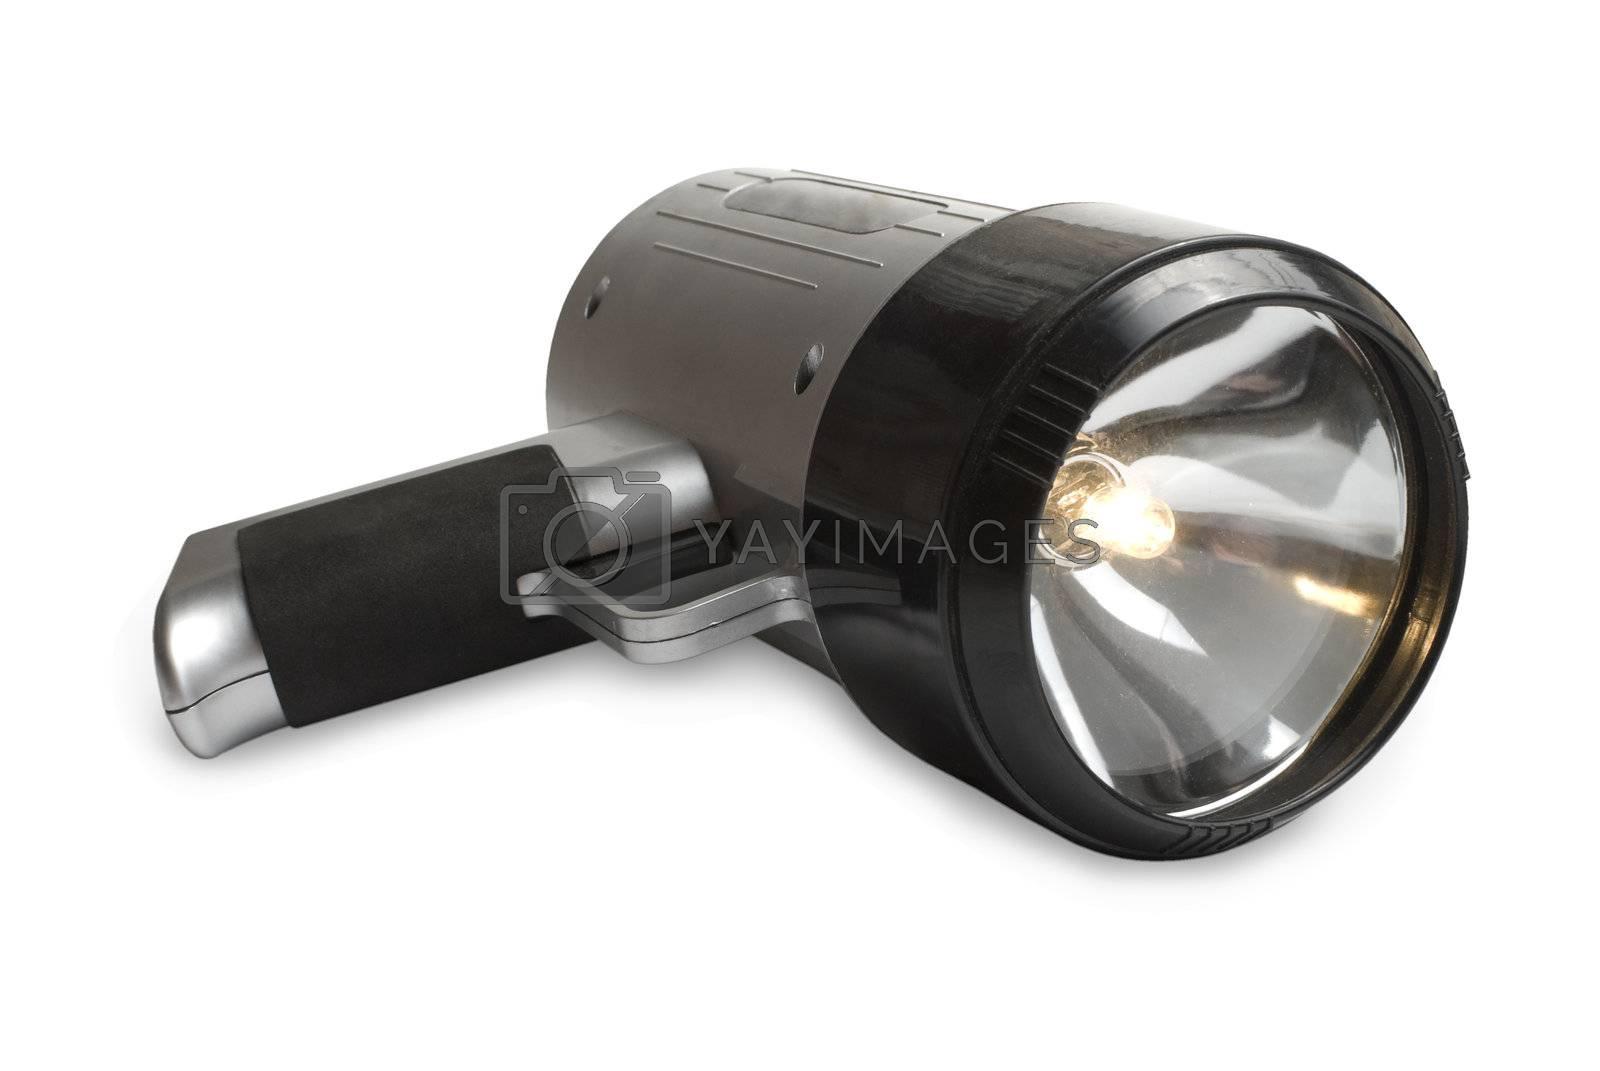 Royalty free image of Big flashlight | Isolated by zakaz